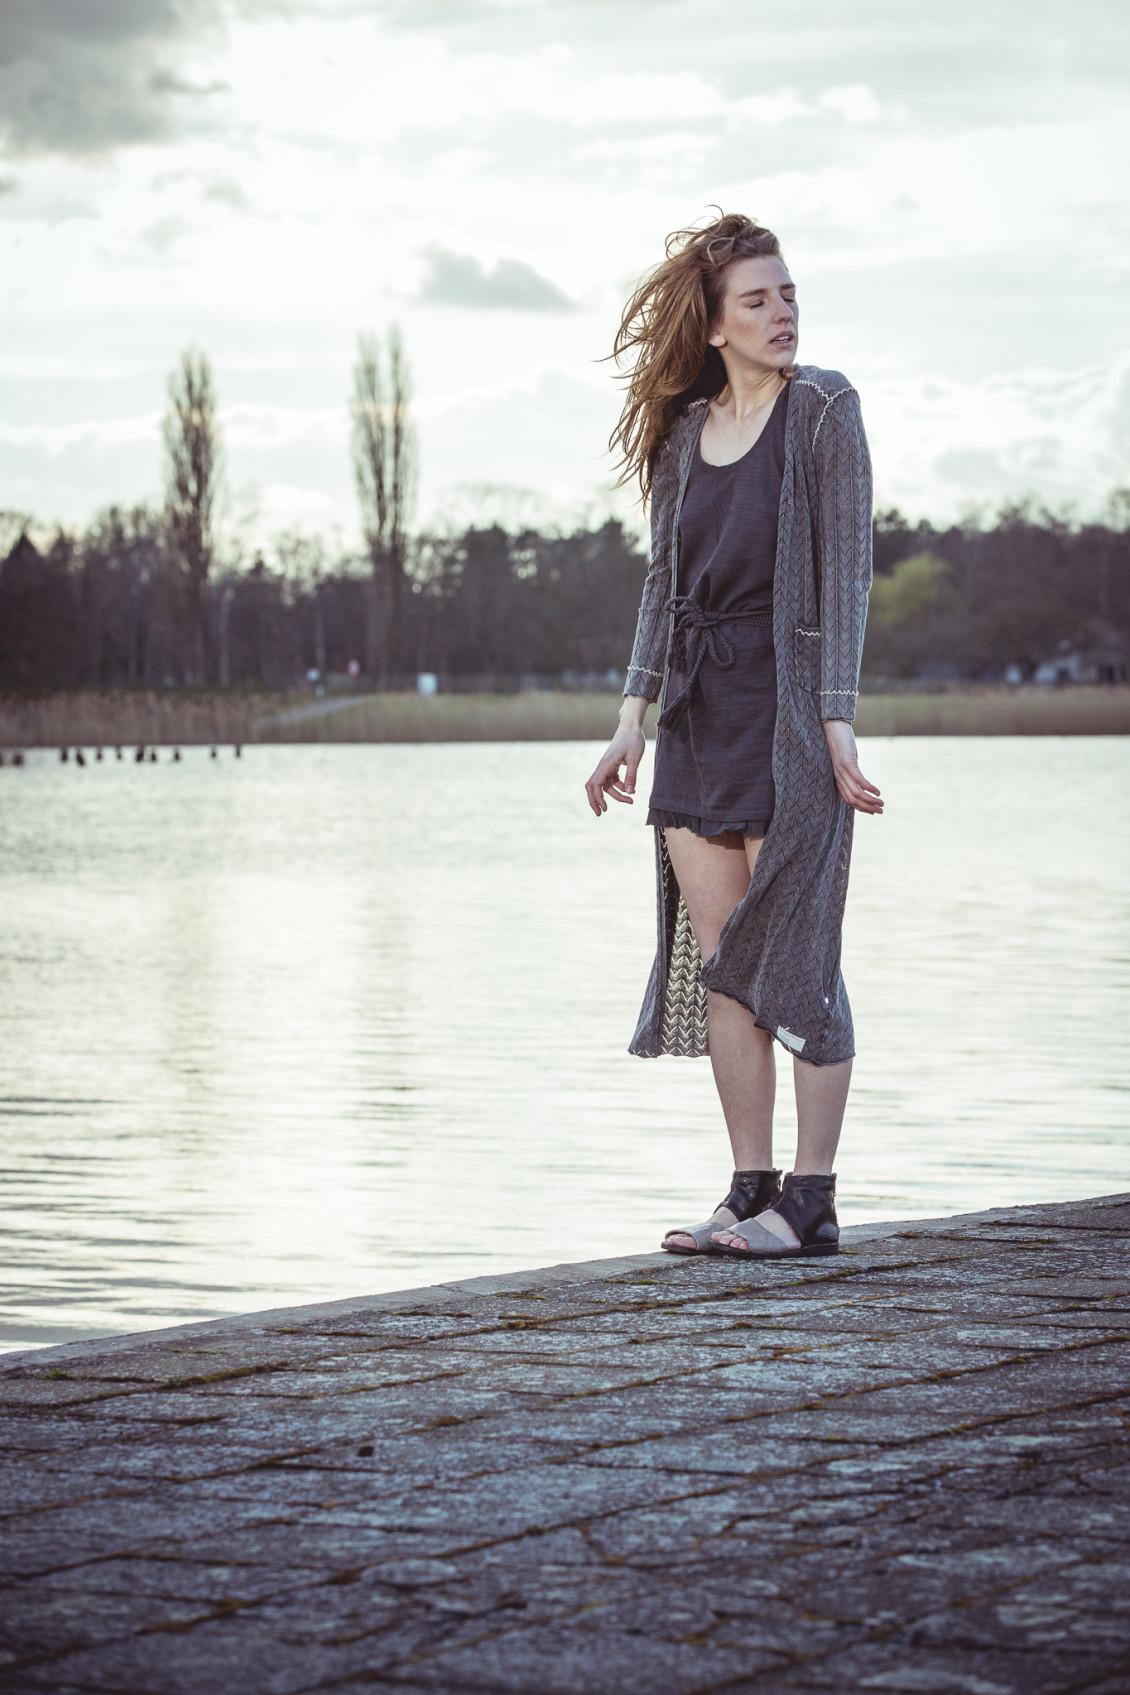 harlekijn_april2015-20